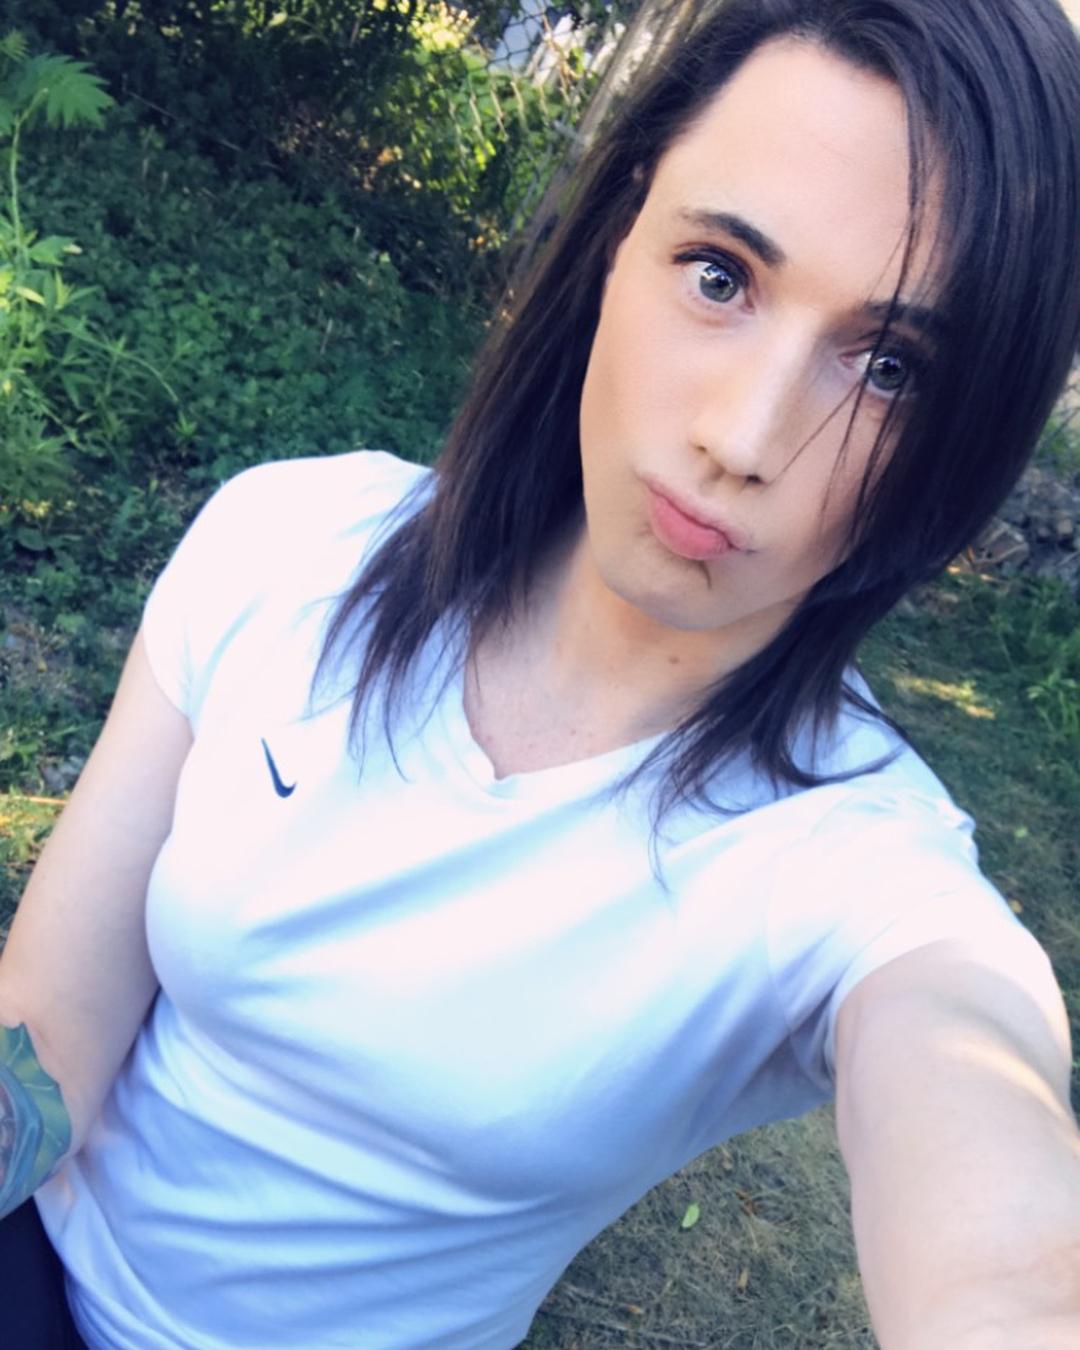 Transgirl park selfie